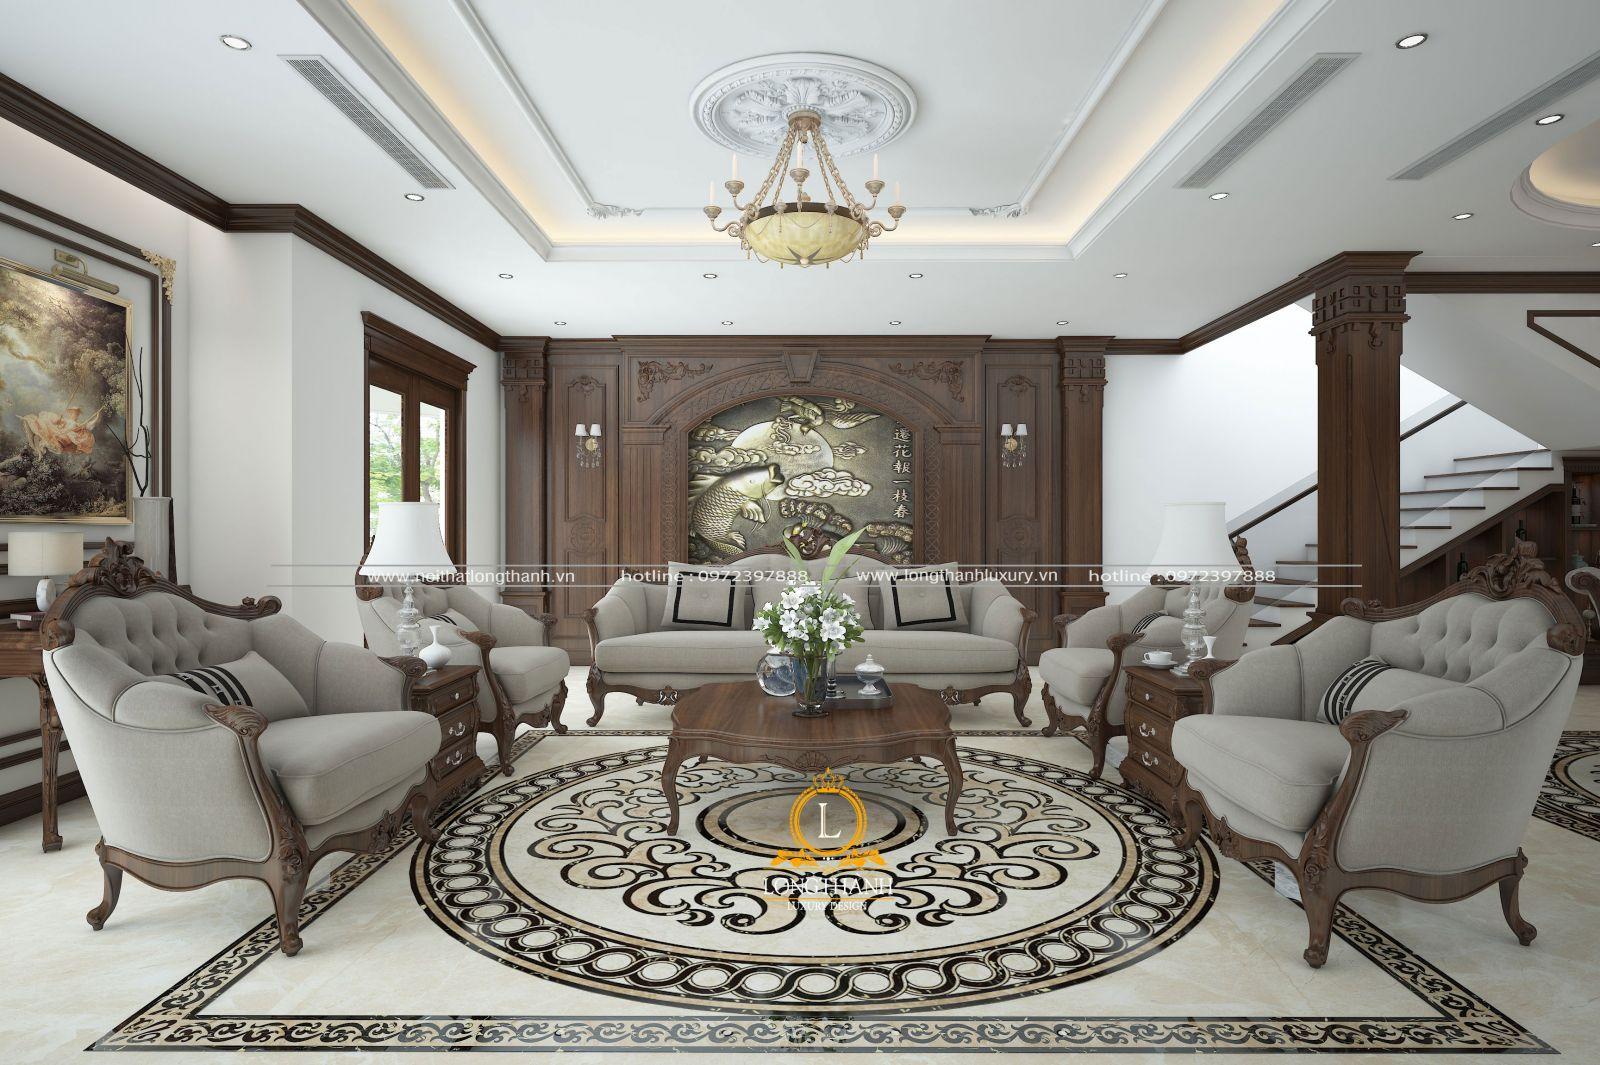 Lựa chọn bộ sofa kiểu chữ u phù hợp với không gian phòng khách